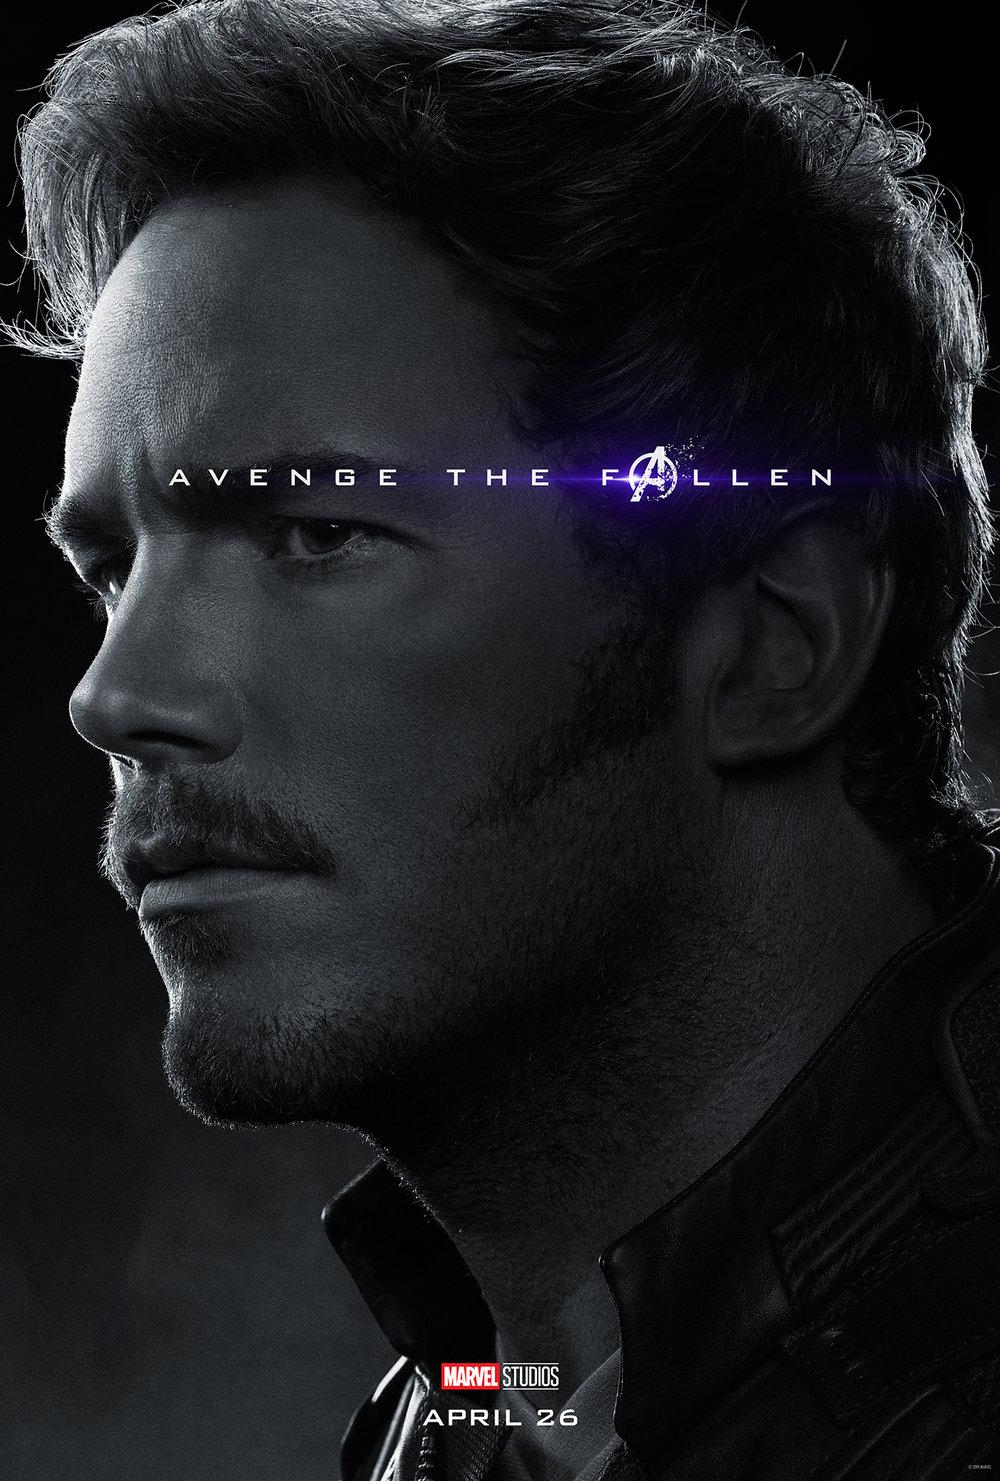 Avengers_Endgame_Char1Sht_StarLord_Avenge_mech1_FS_100dpi.jpg